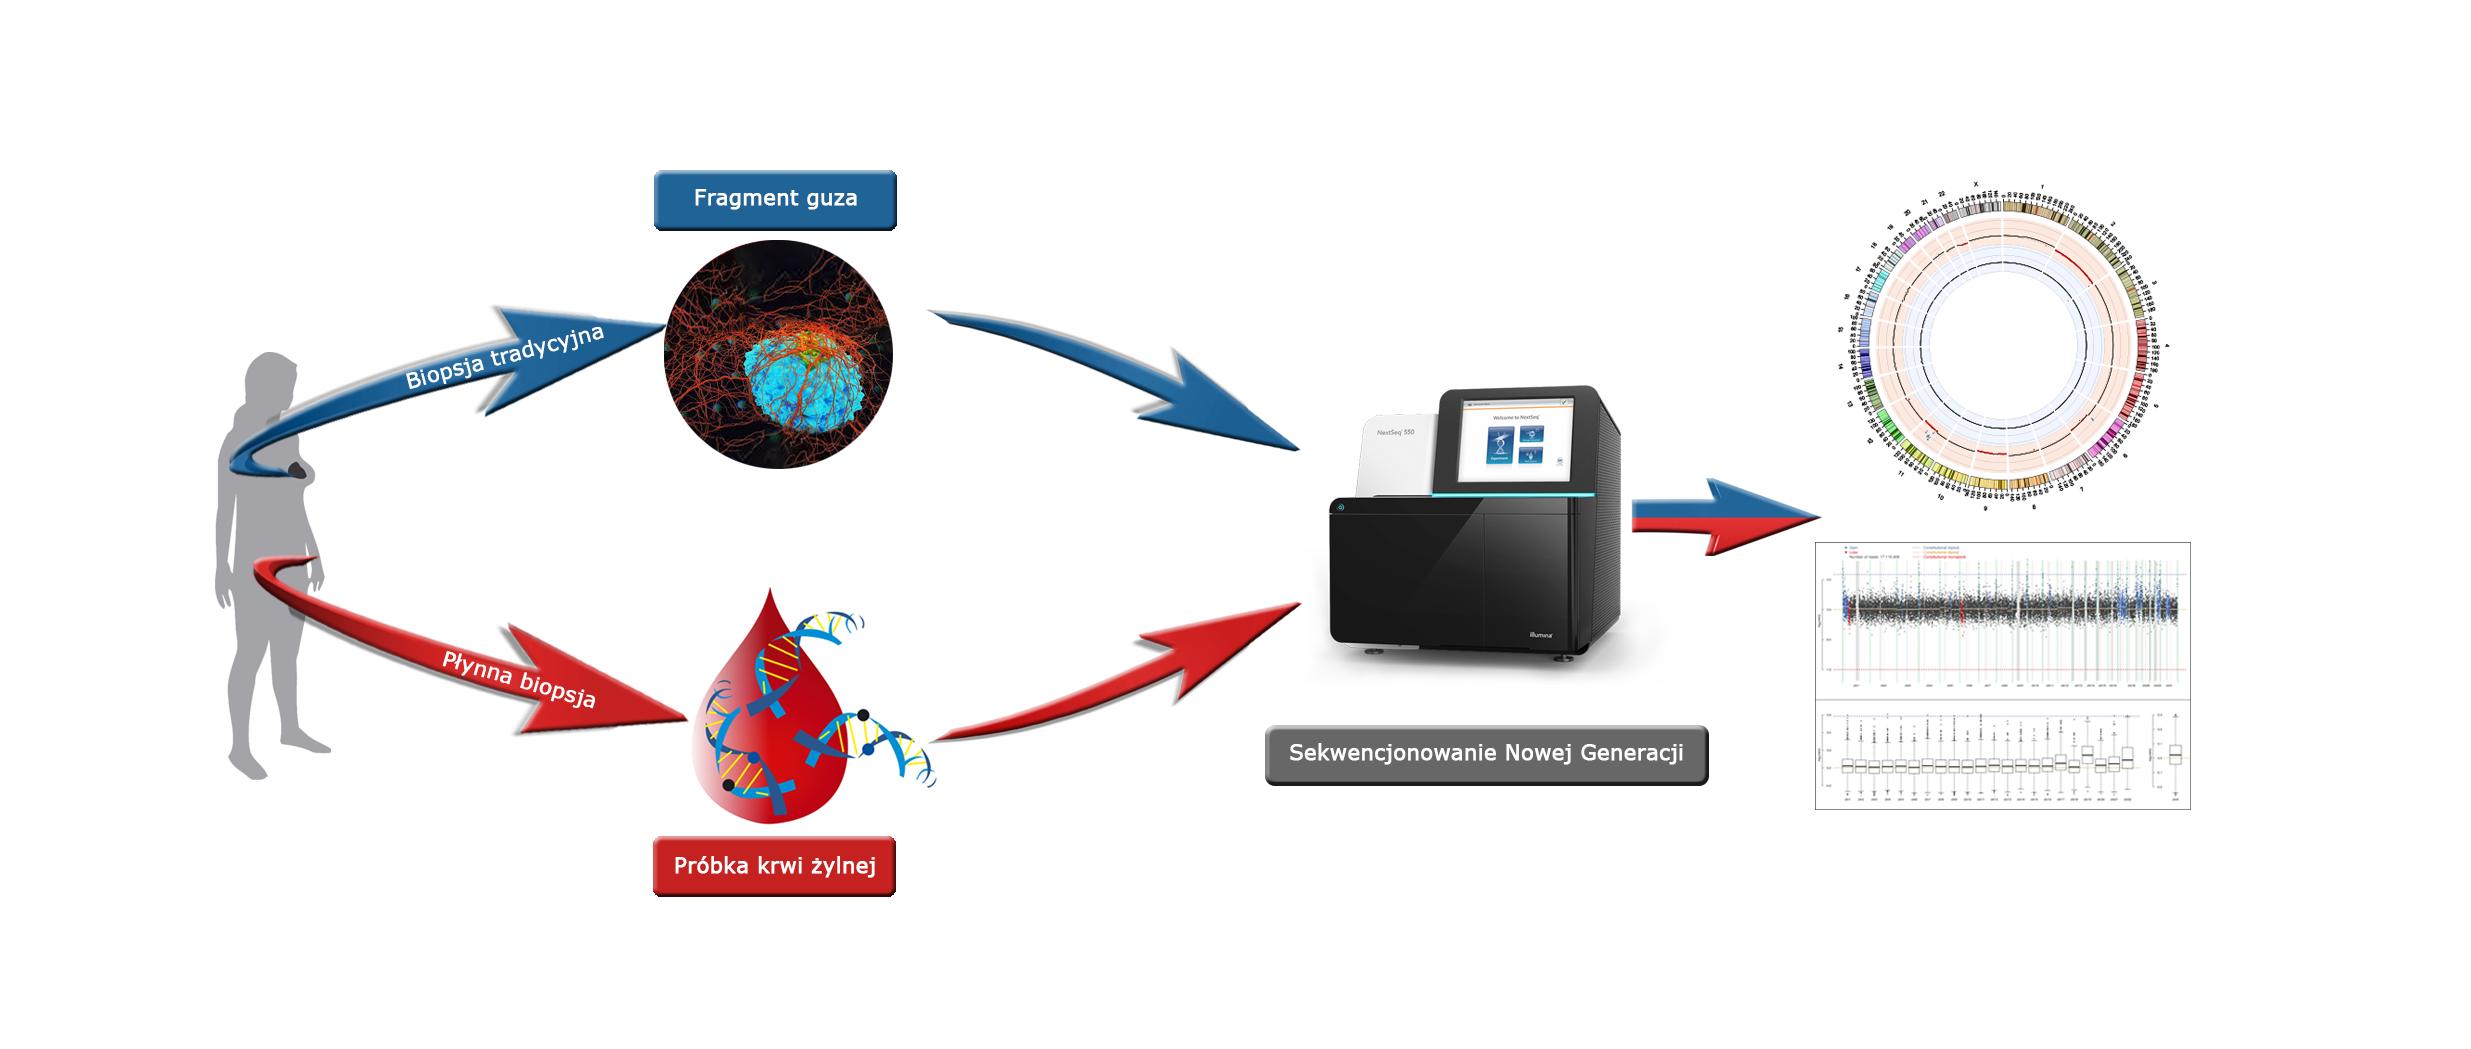 Innowacyjne metody diagnostyczne, oparte na technologii sekwencjonowania nowej generacji: płynna biopsja i klasyczna biopsja - porównanie